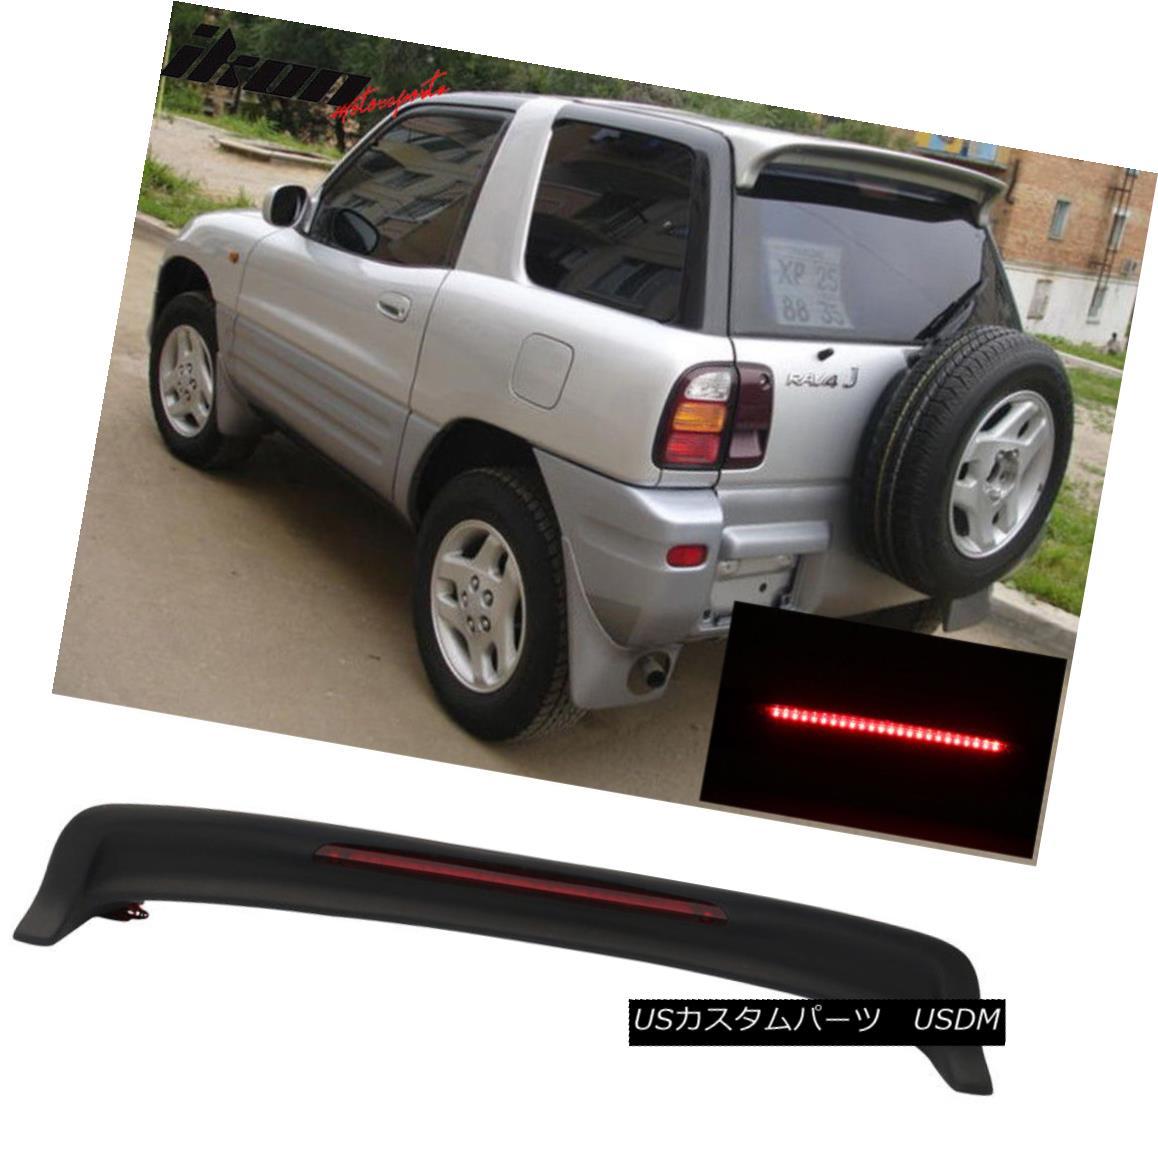 エアロパーツ Fits 94-00 RAV4 OE Factory Style Roof Spoiler ABS & LED Light Matte Black ABS フィット94-00 RAV4 OEファクトリースタイルルーフスポイラーABS& LEDライトマットブラックABS